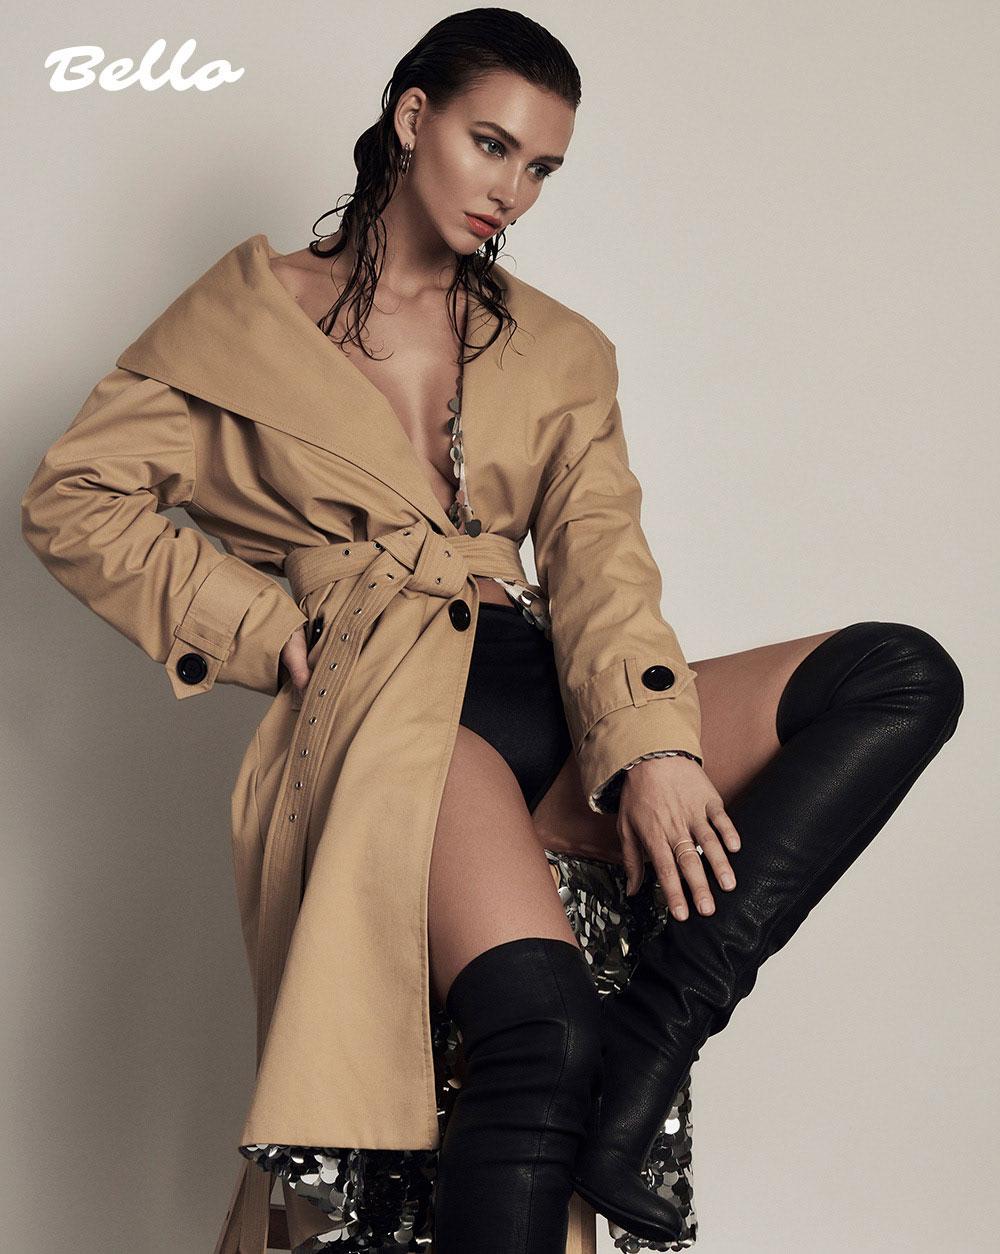 美国摄影师Alena Saz 摄影作品 【bello】杂志人像 时尚图库 第2张